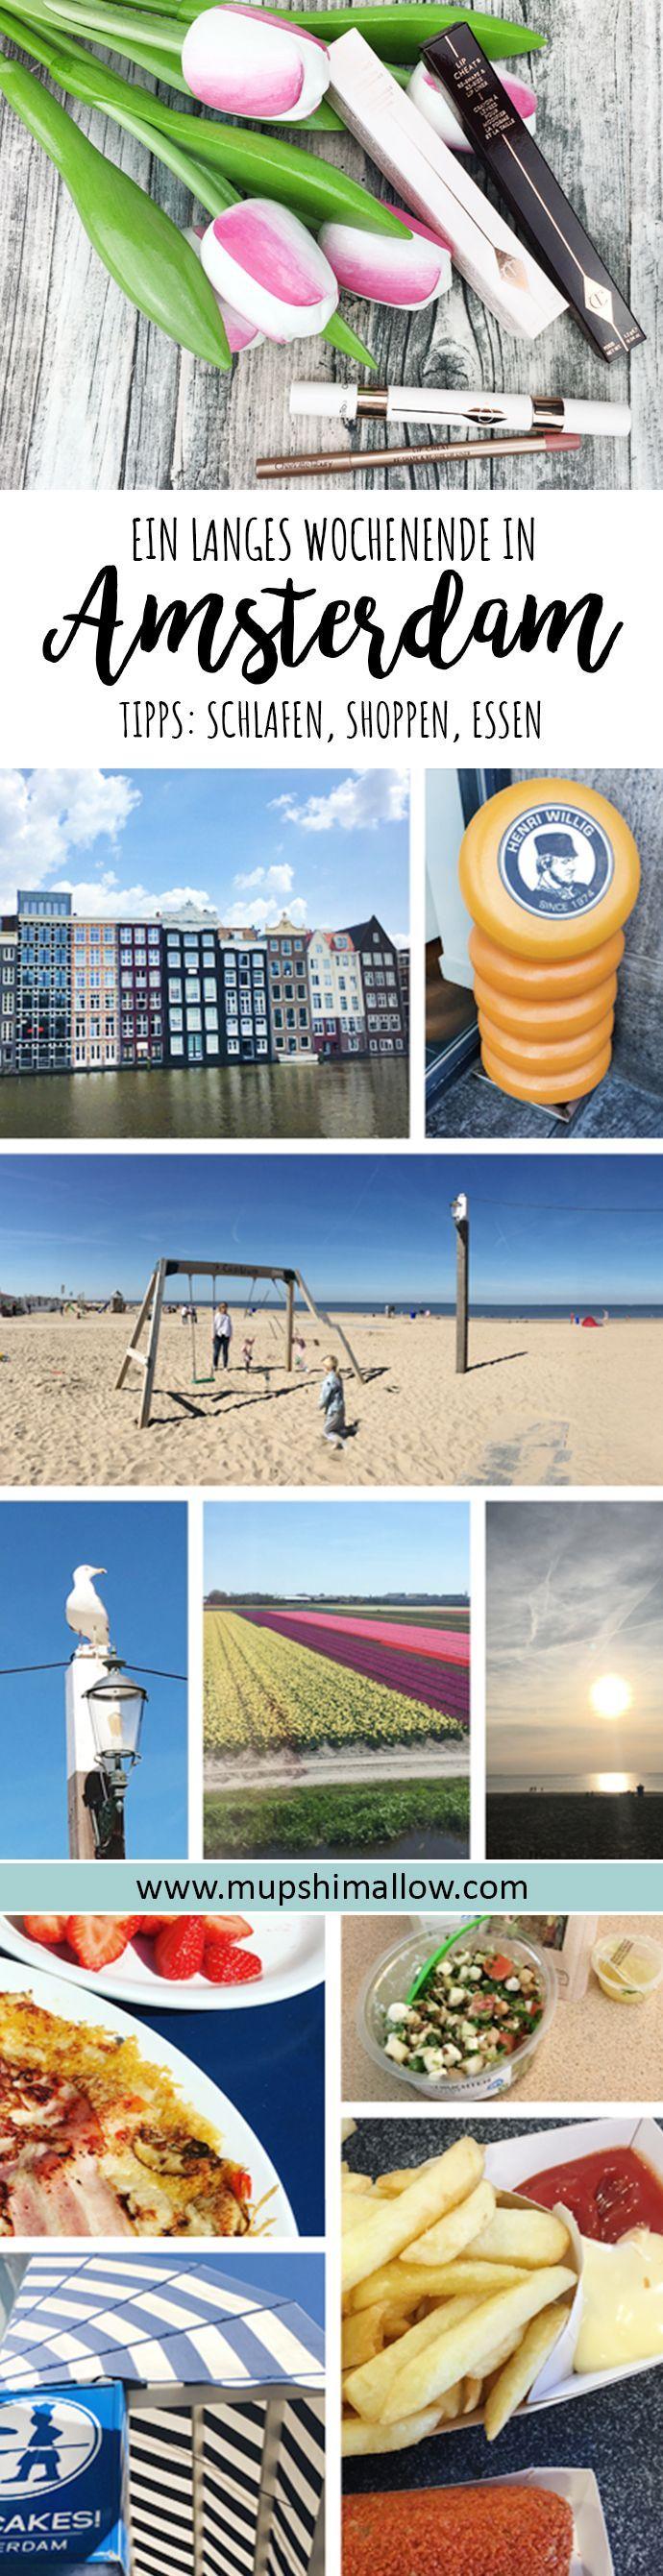 Reise Tipps: Ein langes Wochenende in Amsterdam